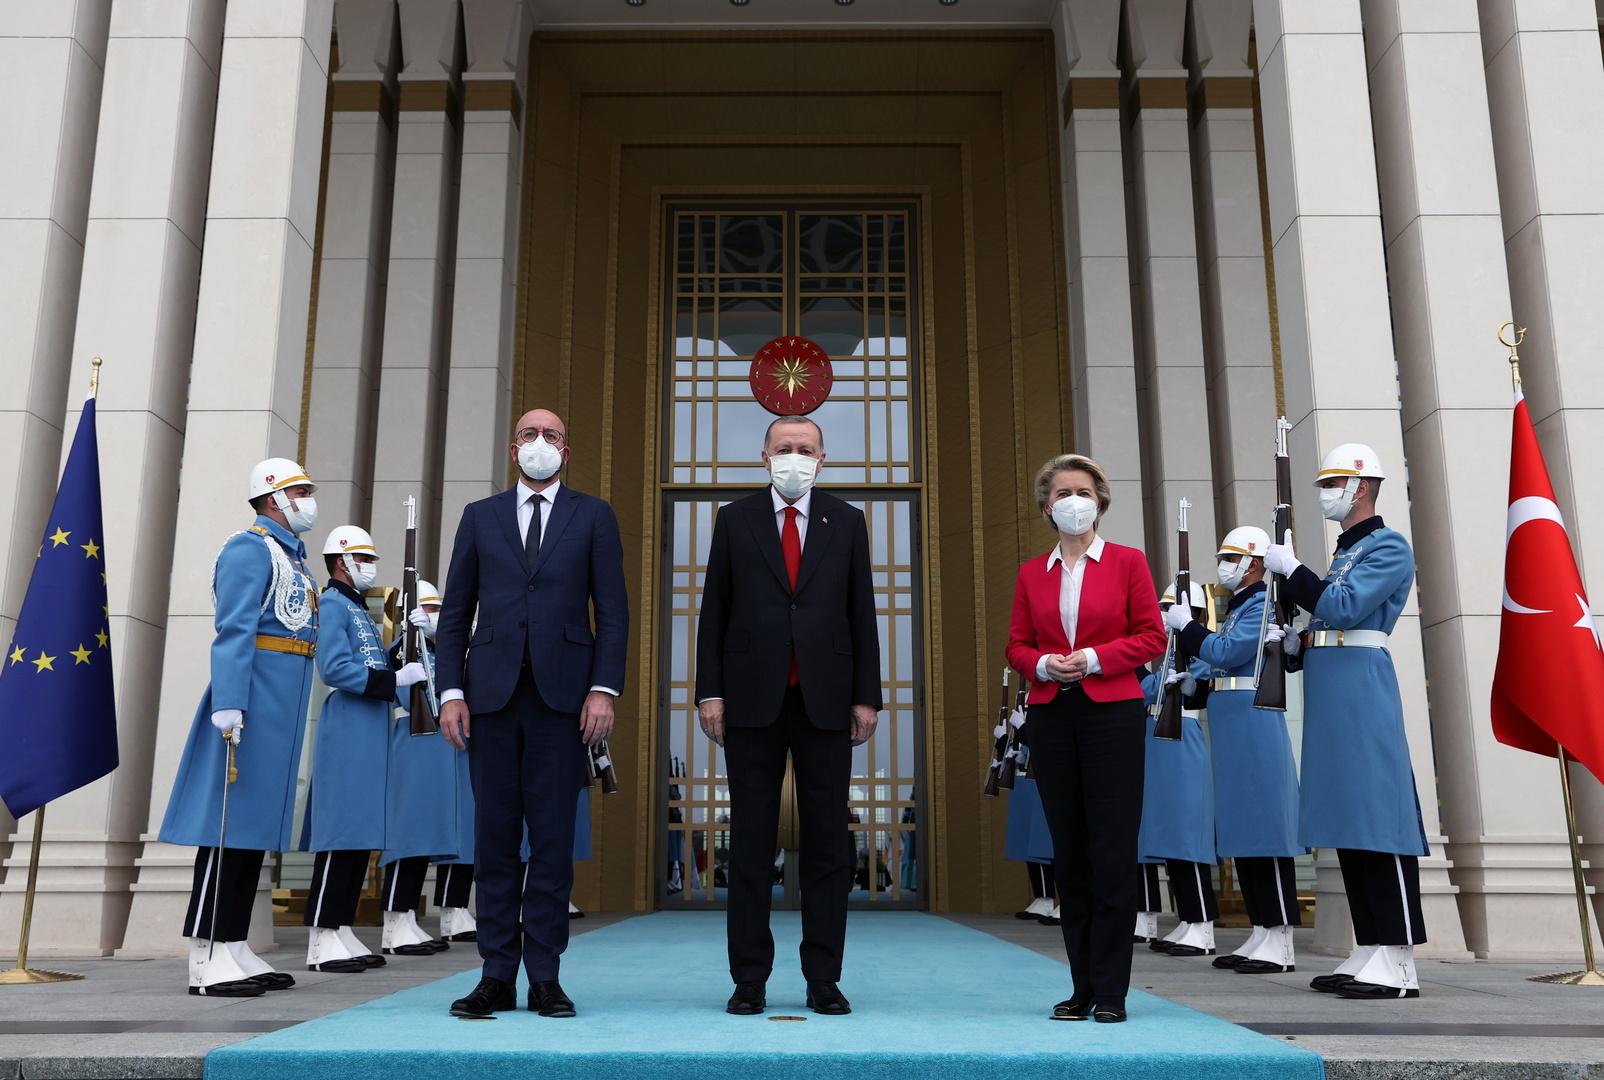 رئيس المجلس الأوروبي يدعو من تركيا إلى مغادرة كل المقاتلين الأجانب ليبيا